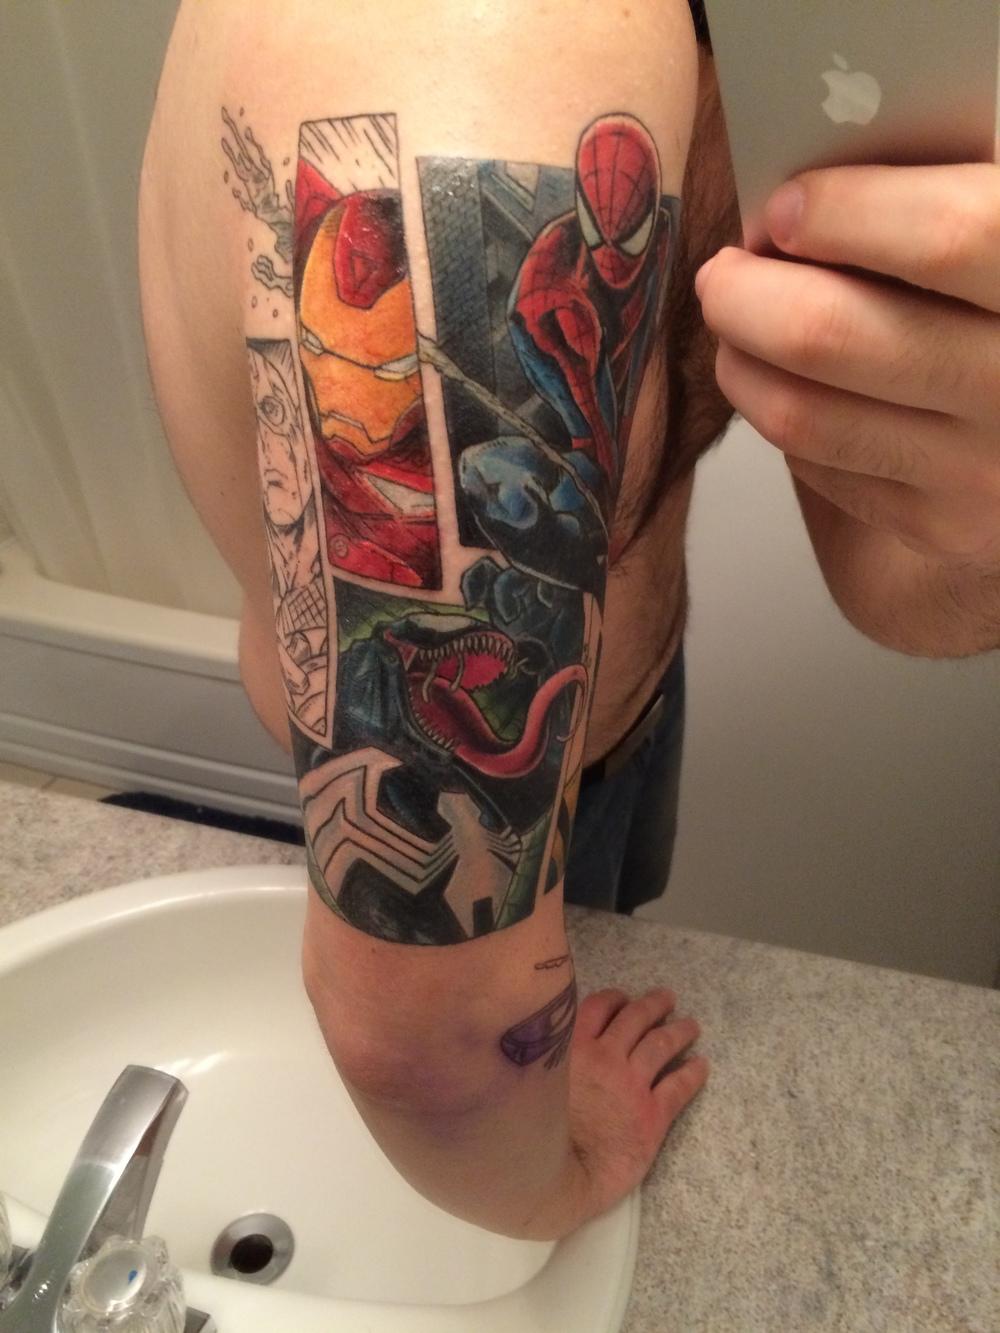 P.S.: À 13m55, je pars pour commencer une phrase et je voulais dire : À cause du dessin de mon tattoo, il y a des lignes de contour foncées qui font mal à se faire tracer